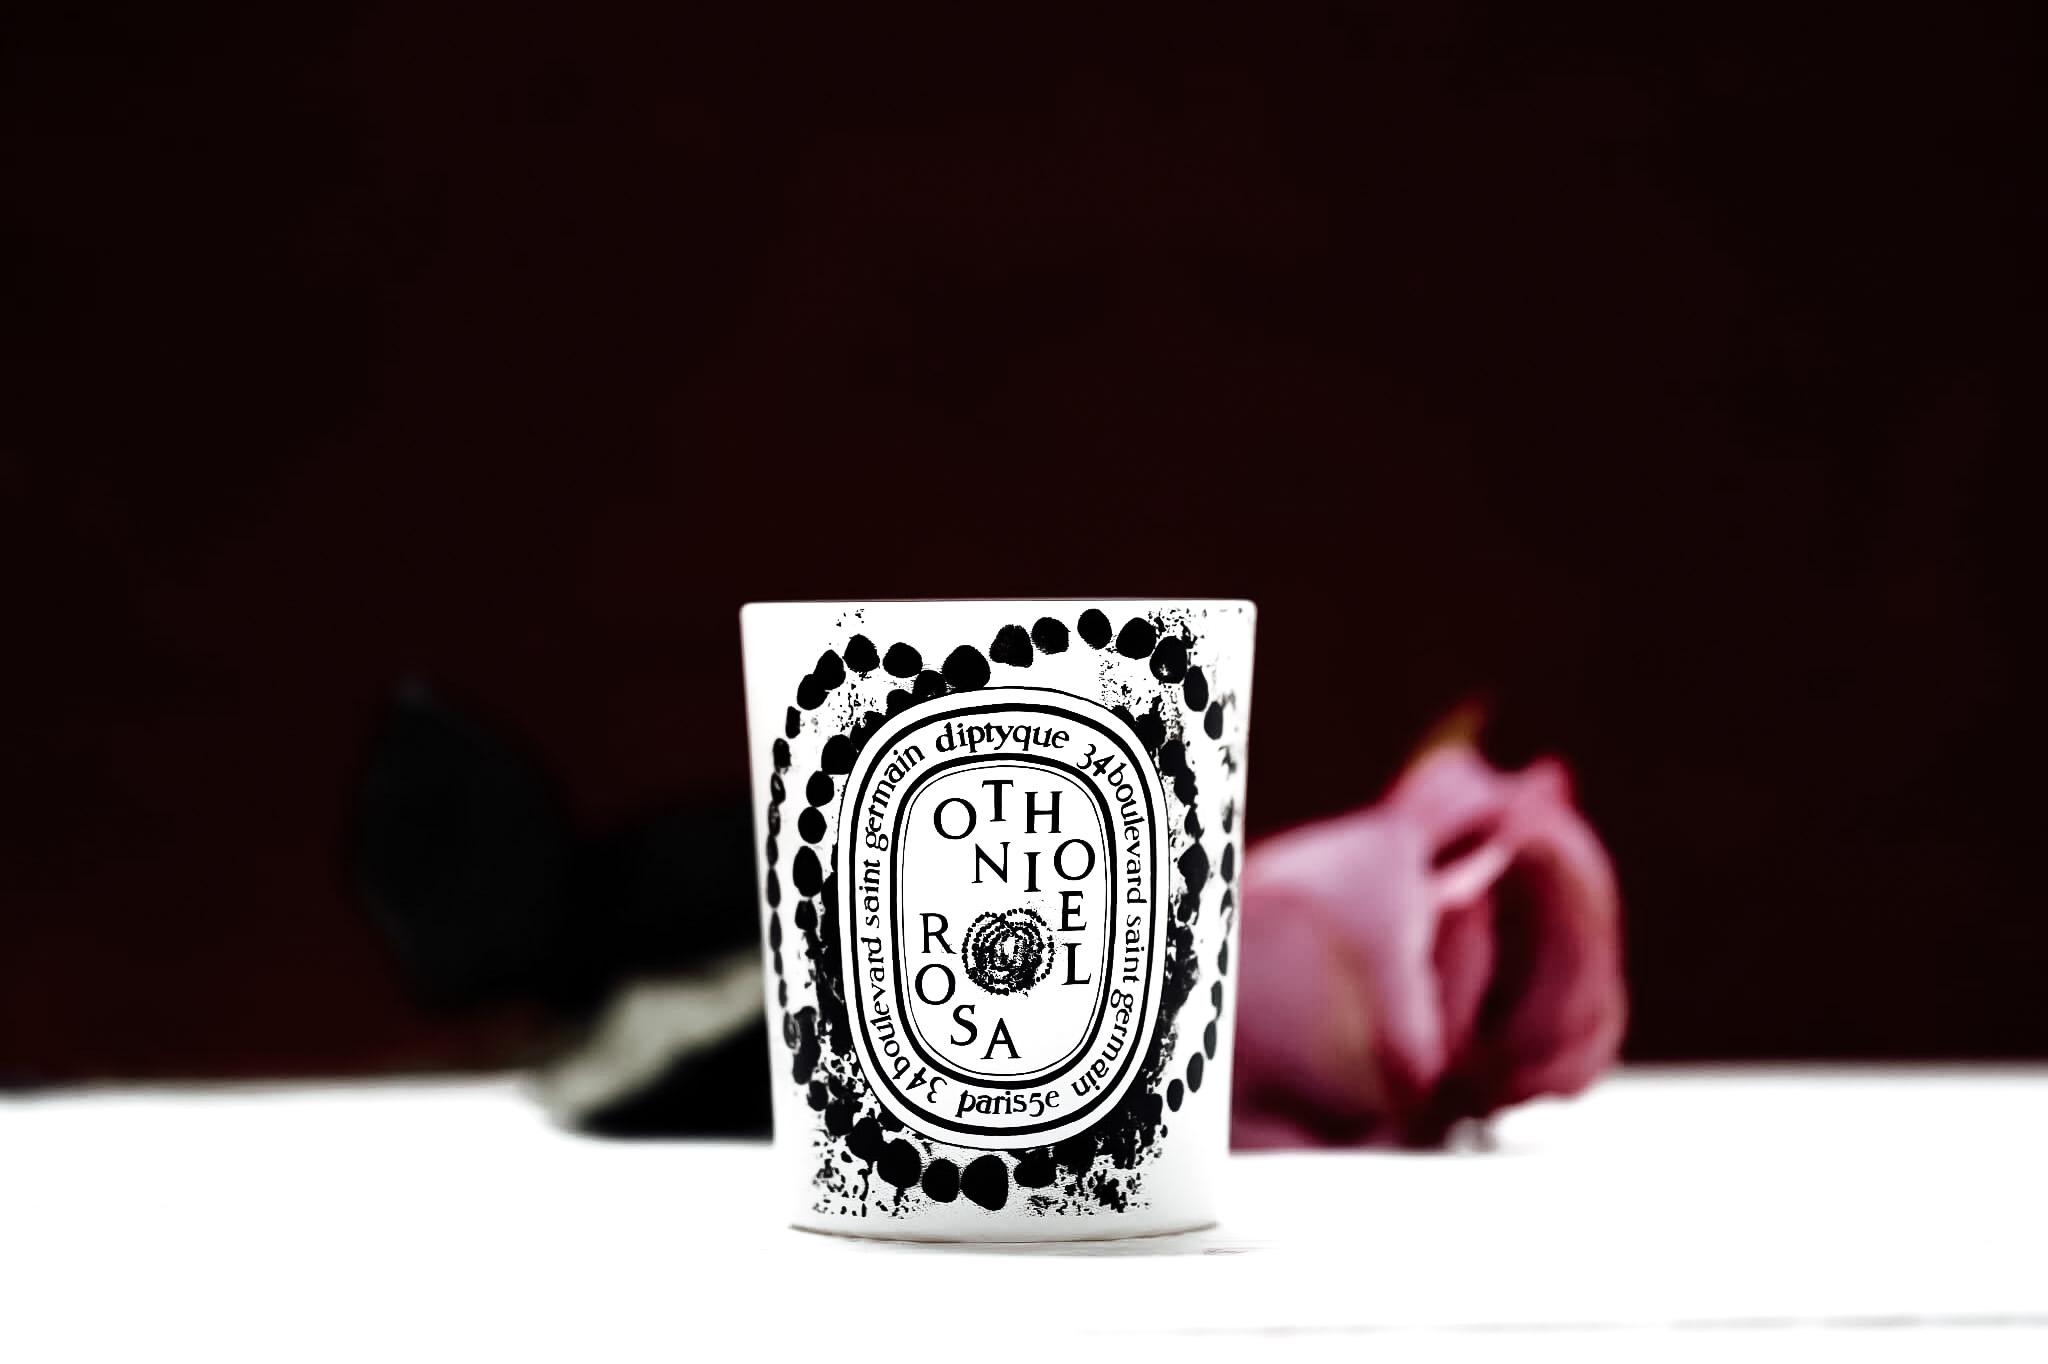 Sisley Rose Othoniel Bougie Parfumee